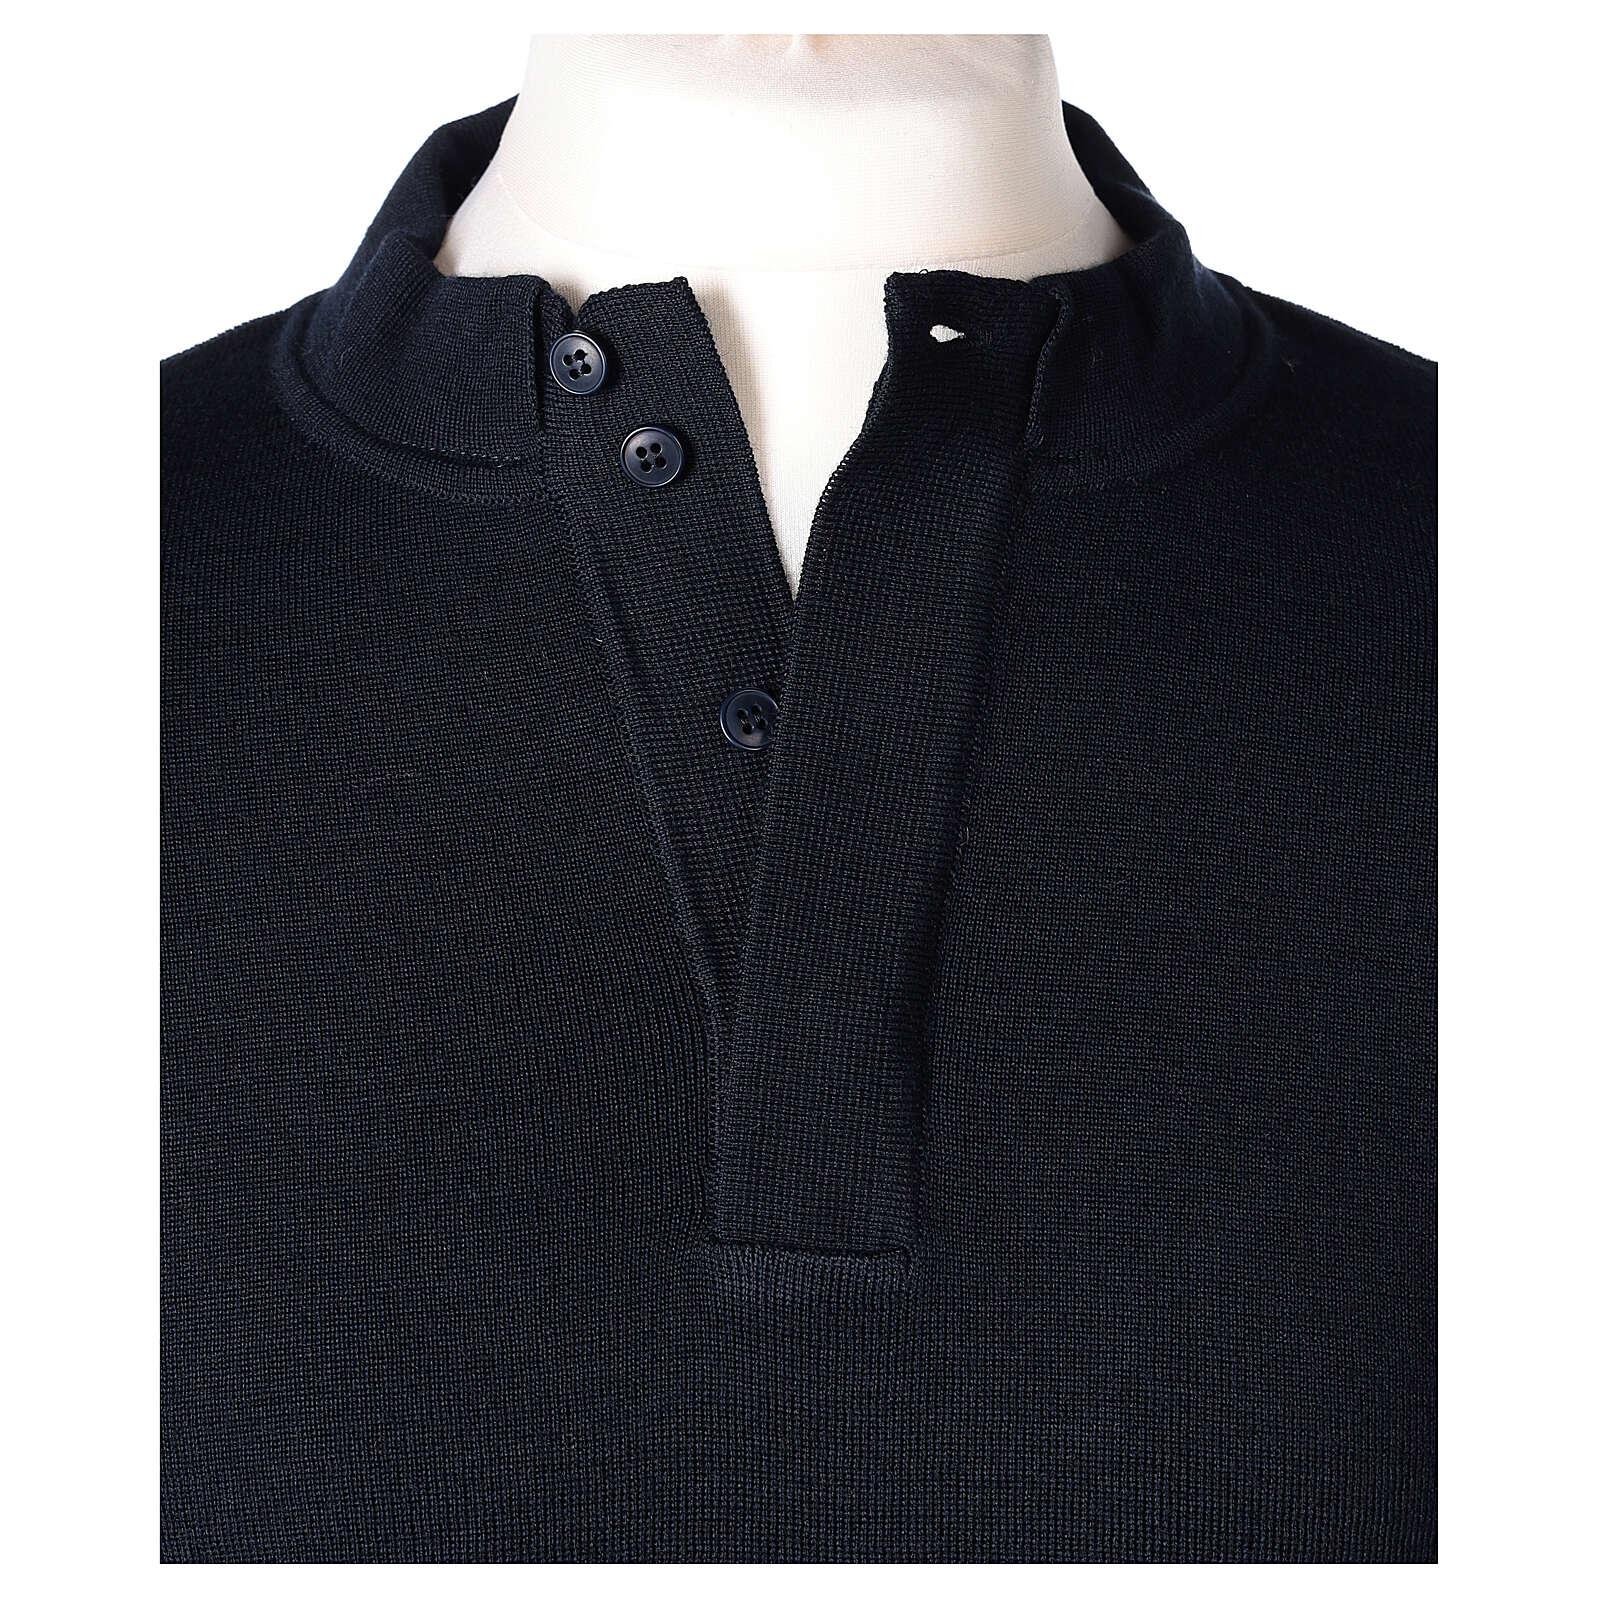 Pulôver sacerdote azul escuro 50% lã de merino 50% acrílico In Primis 4